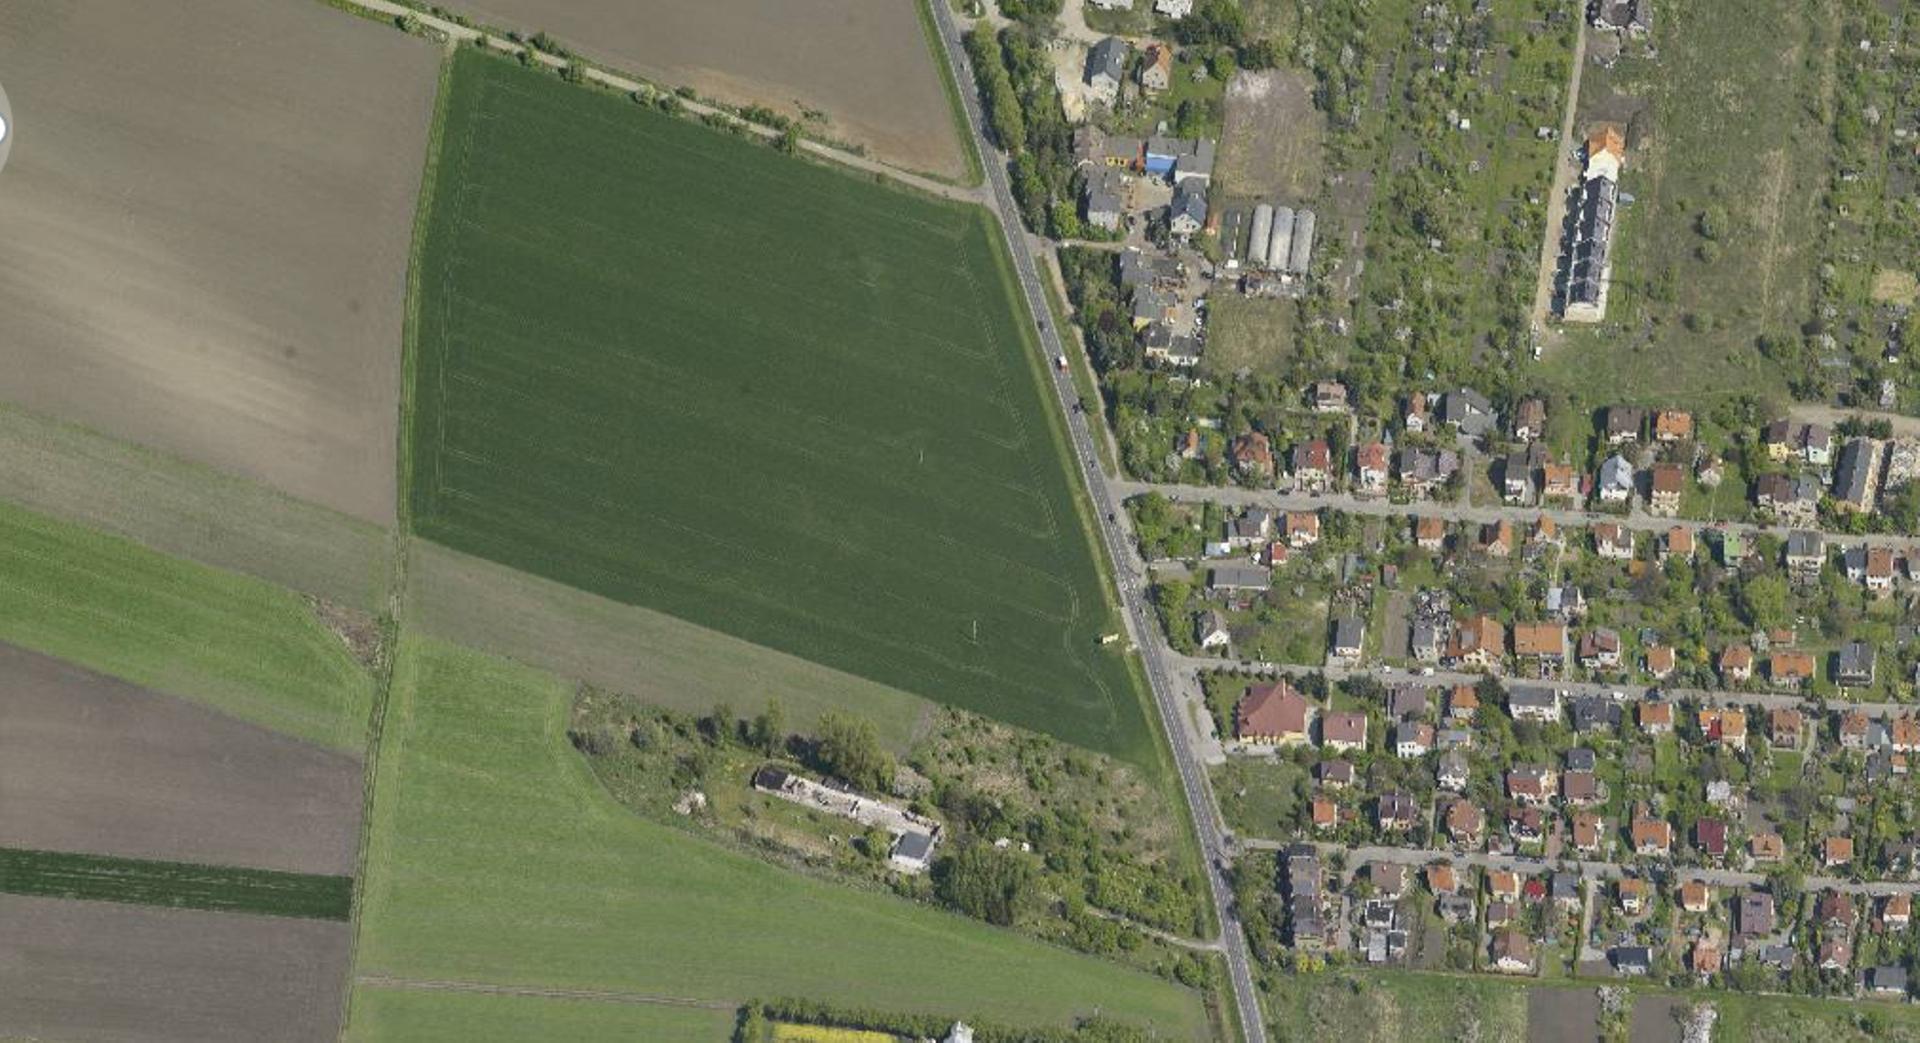 Wrocław: Murapol wybuduje w sumie ponad 2,5 tysiąca mieszkań w rejonie Buforowej. Planuje piątą inwestycję